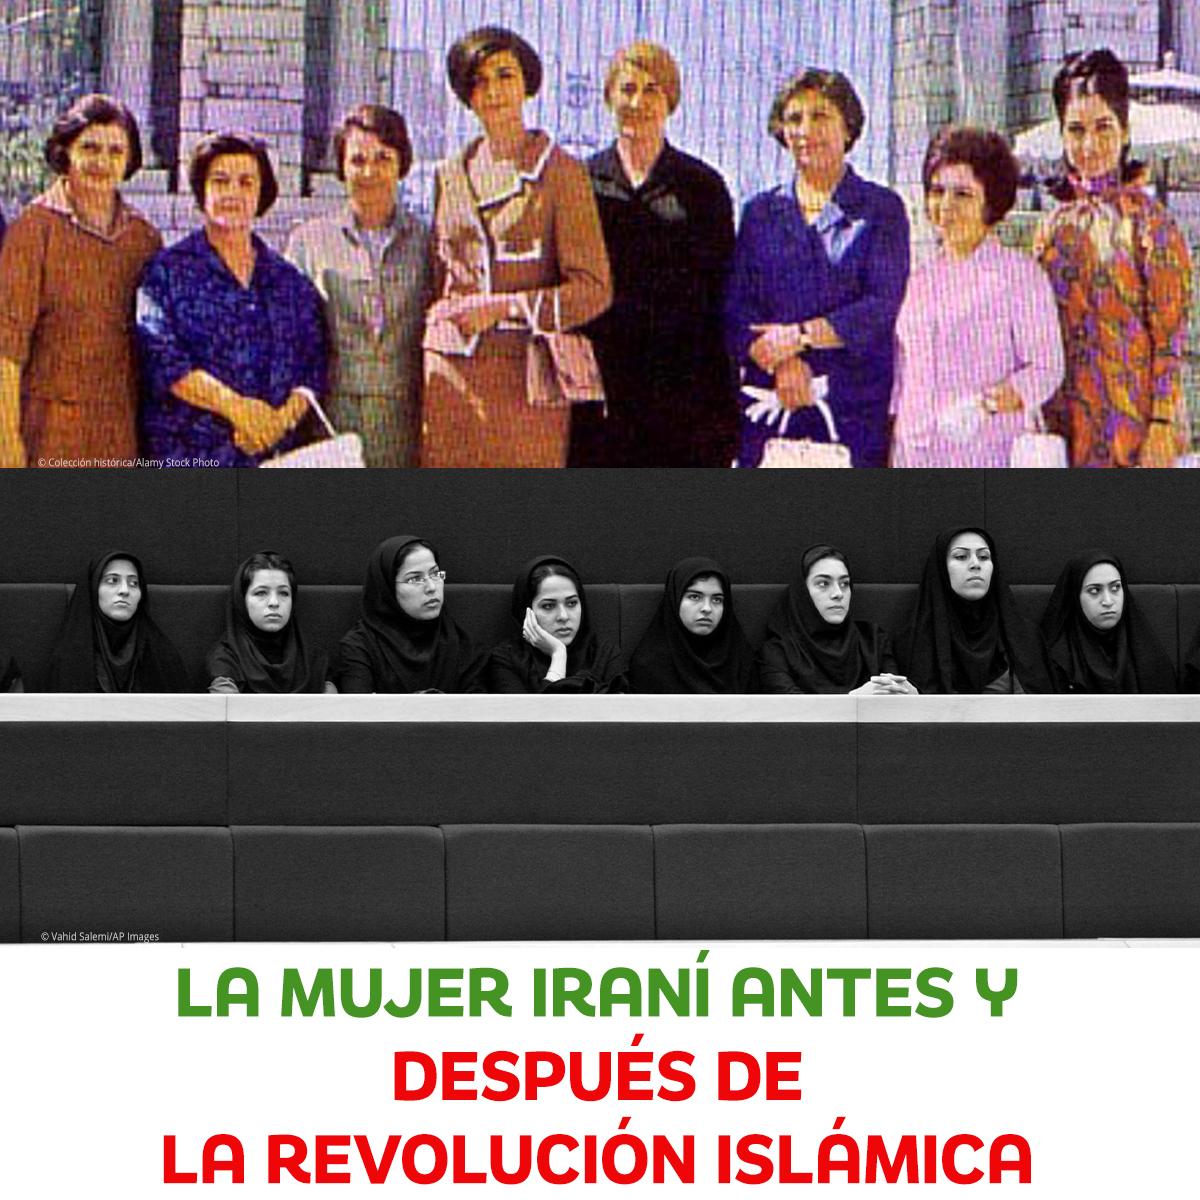 Arriba: Mujeres iraníes en traje occidental (© Colección Histórica/Alamy Stock Photo). Abajo Mujeres con pañuelos negros en la cabeza (© Vahid Salemi/AP Images)